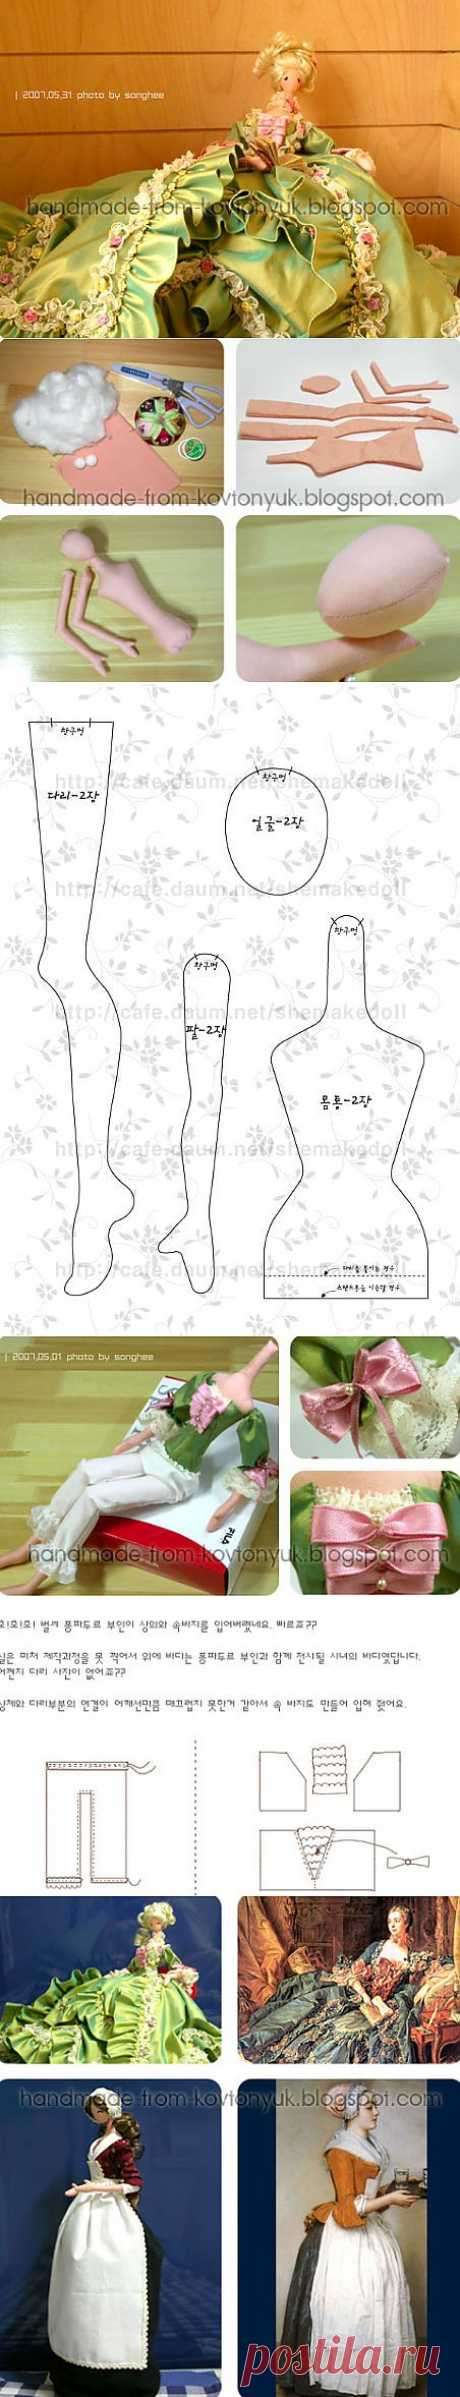 Мастер-класс по пошиву корейской Куклы-Мечты.